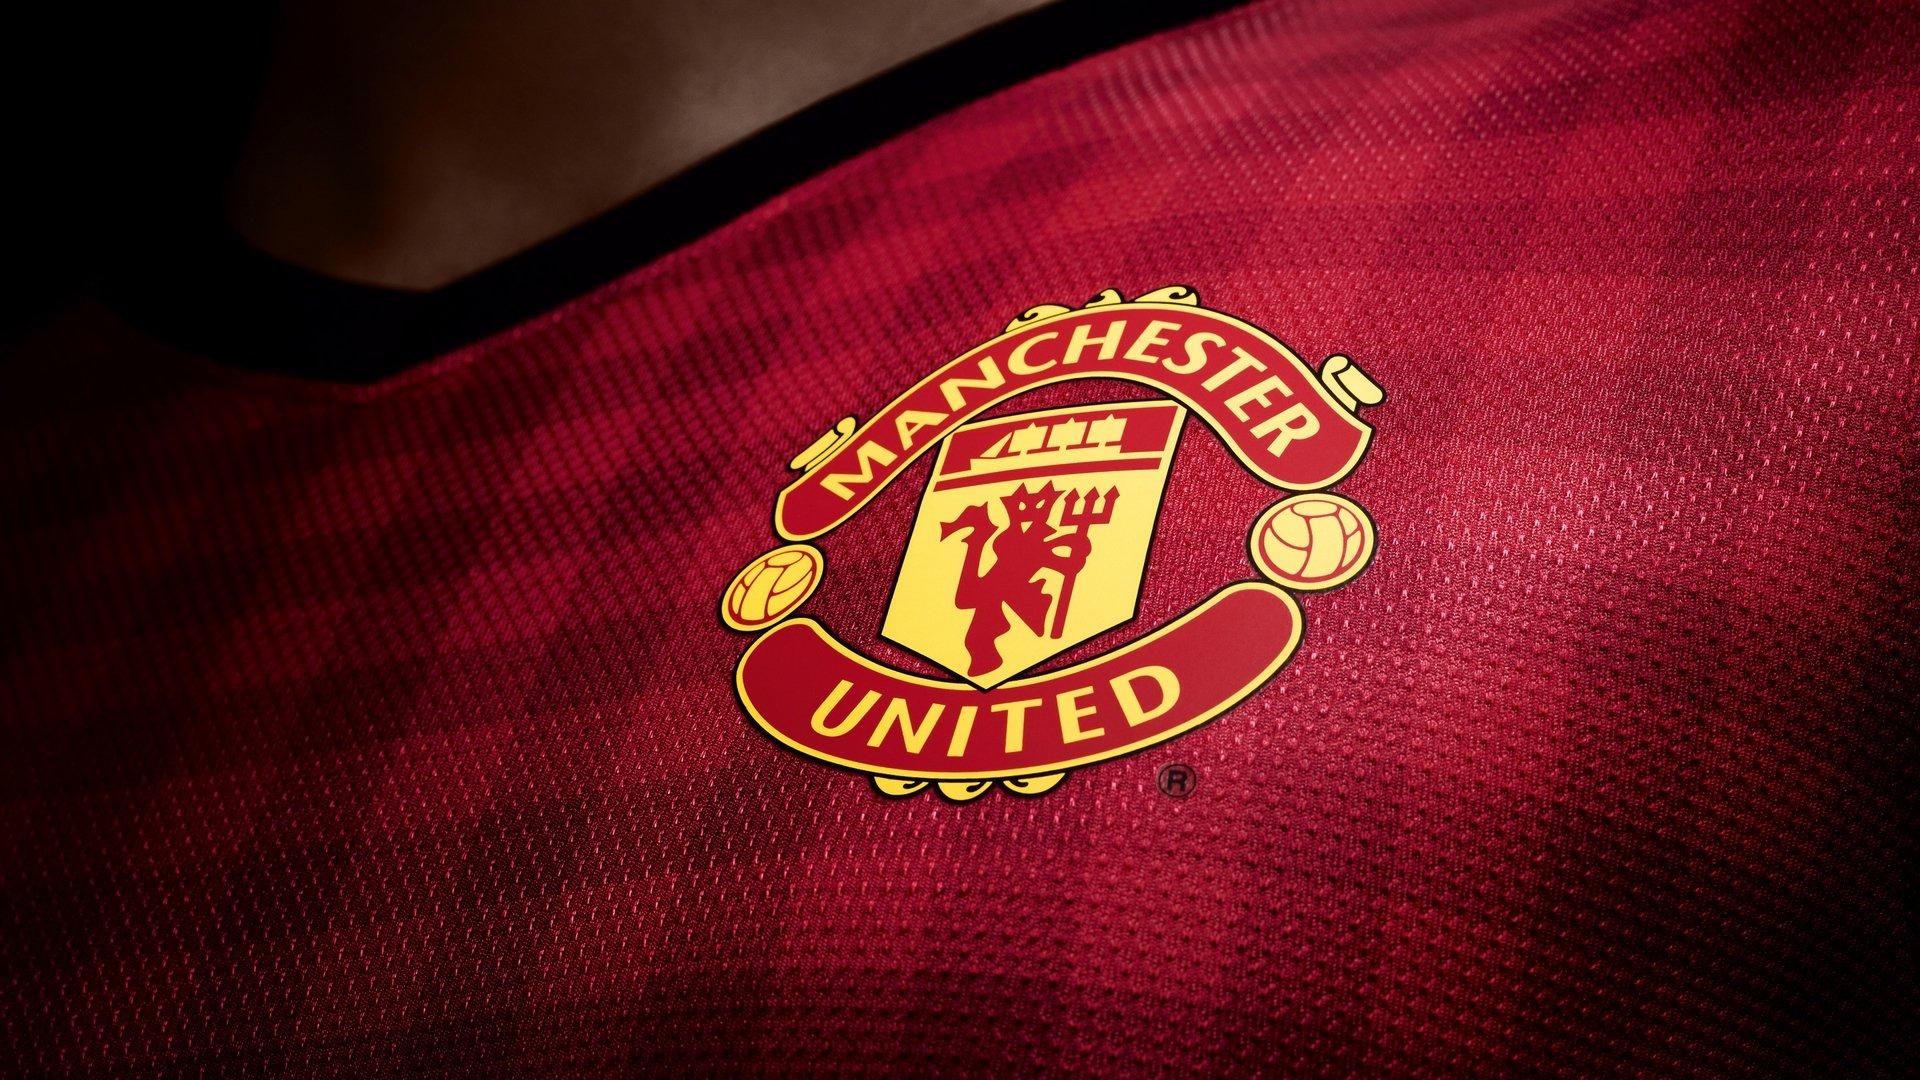 «Манчестер Юнайтед» остается самым дорогим футбольным клубом мира